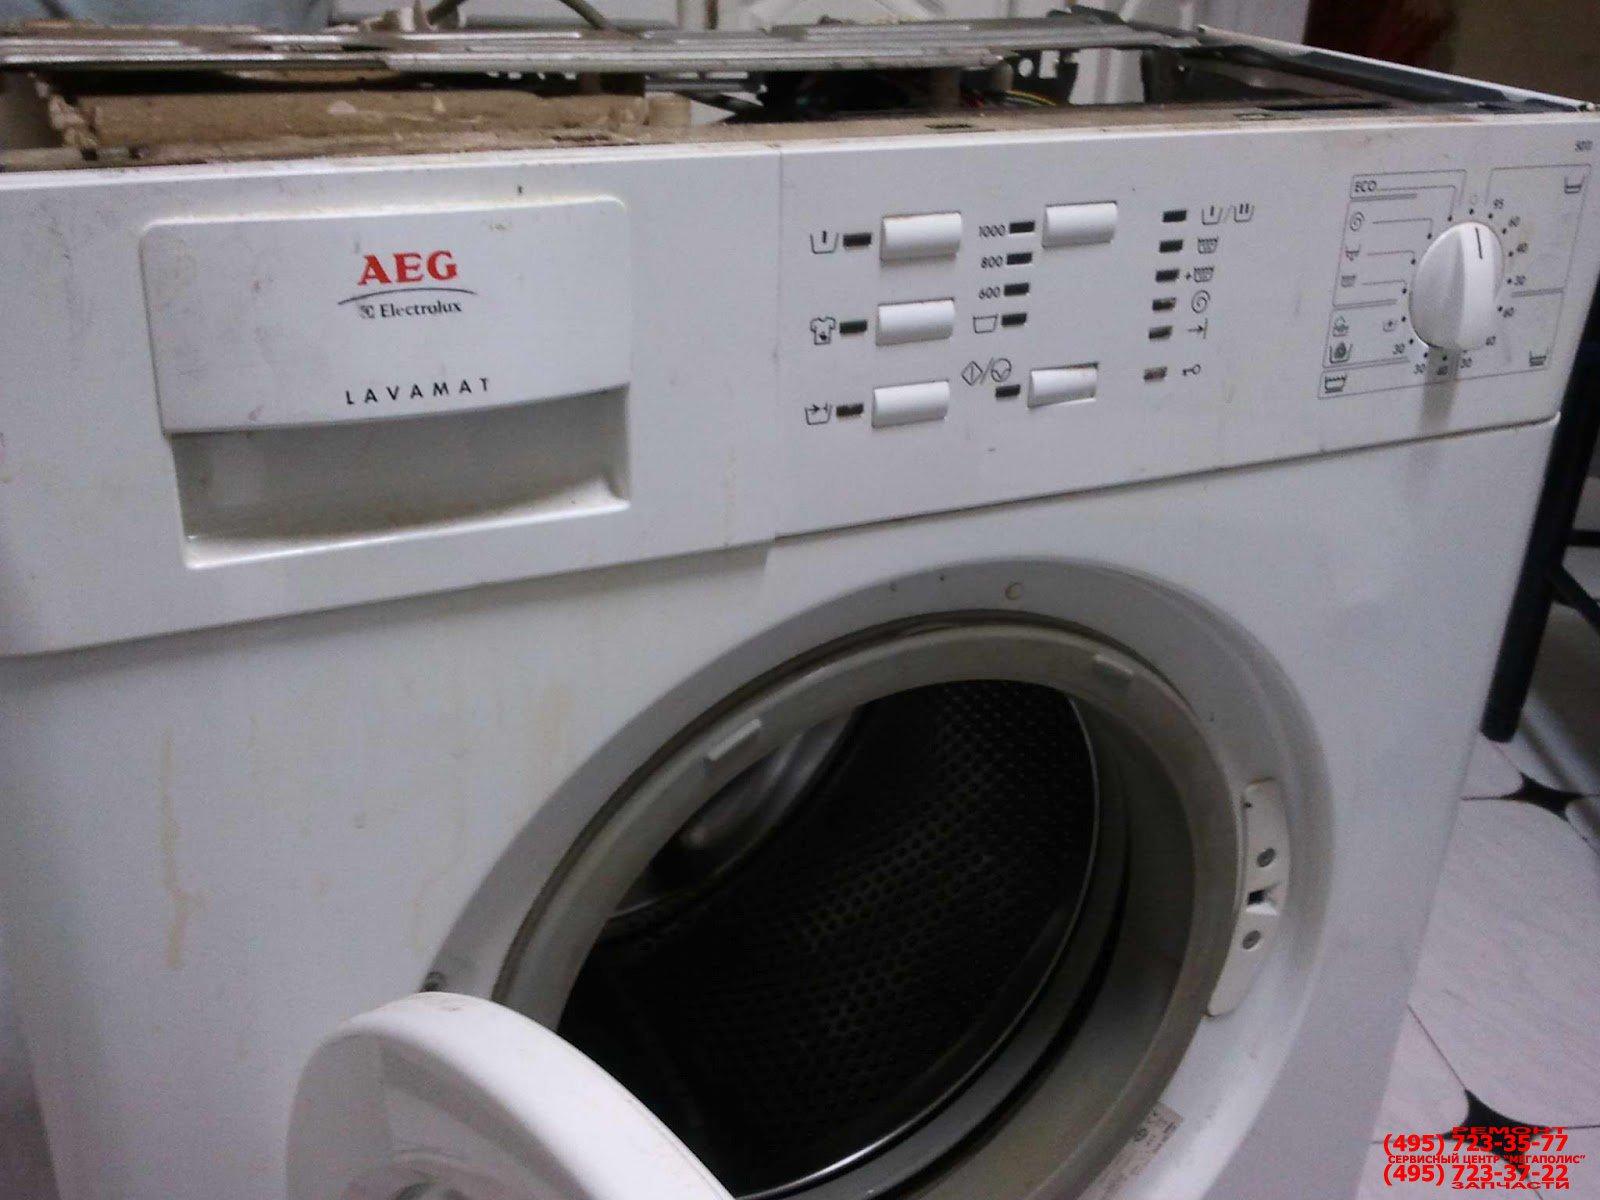 Обслуживание стиральных машин АЕГ Центральная улица (деревня Шеломово) сервисный центр стиральных машин electrolux Староможайское шоссе